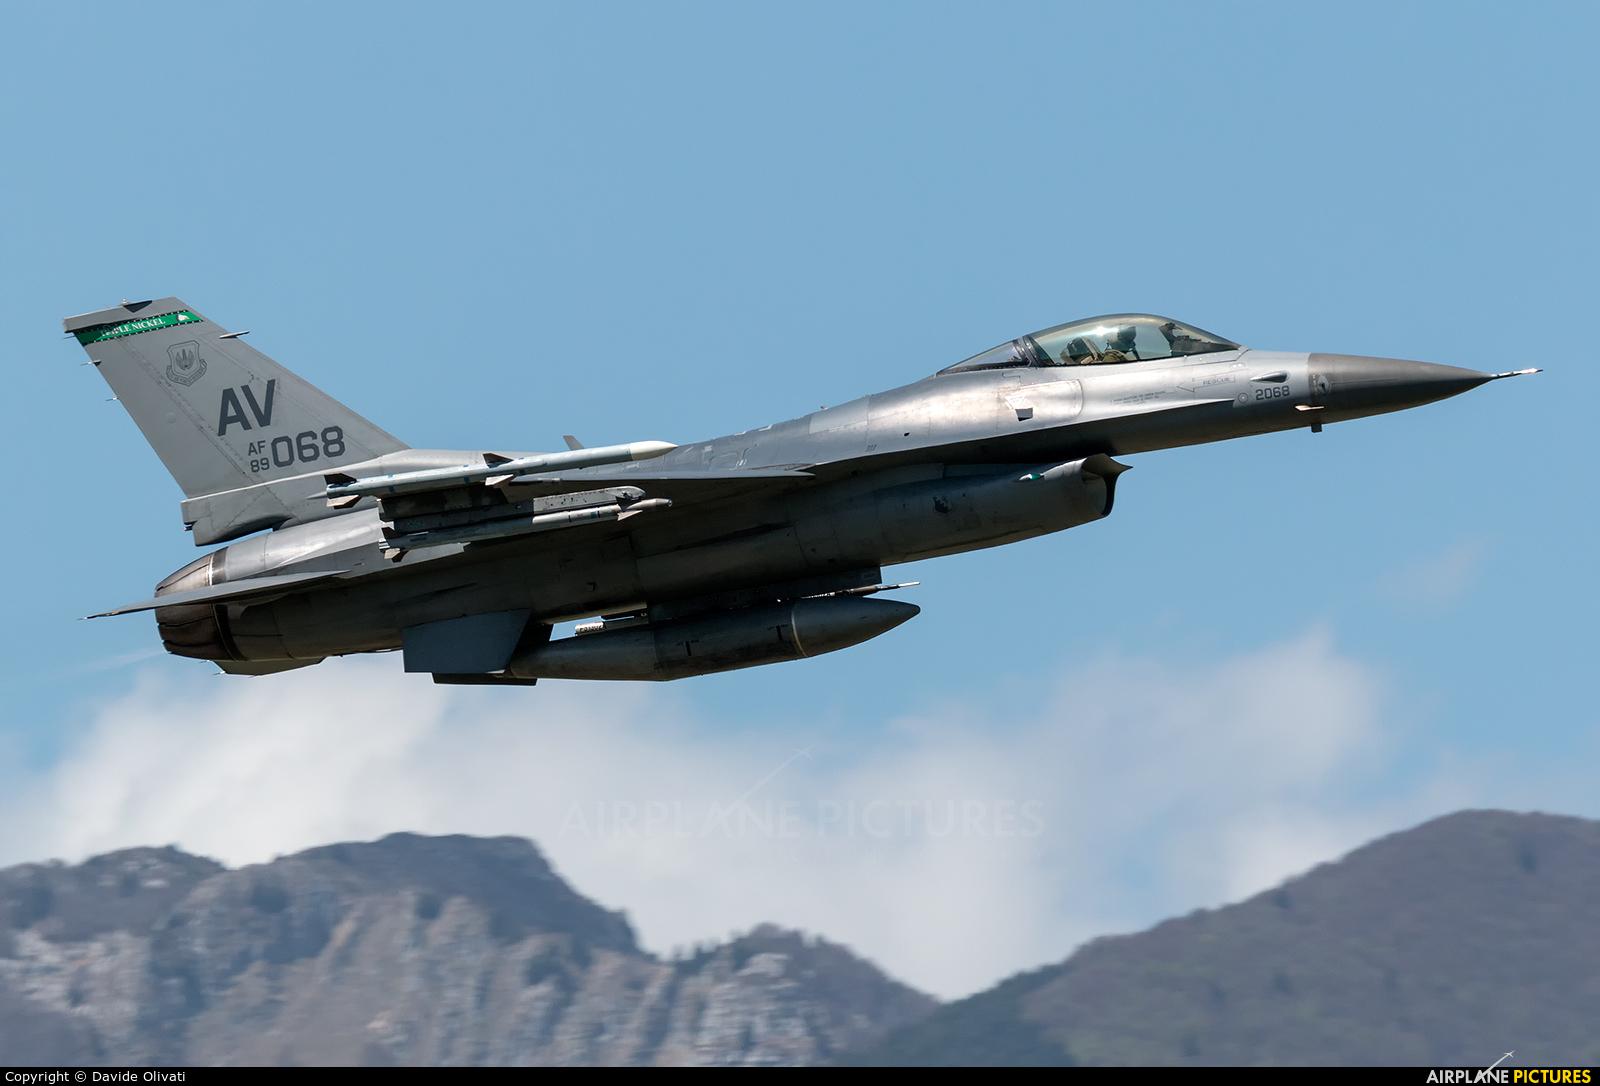 USA - Air Force 89-2068 aircraft at Aviano